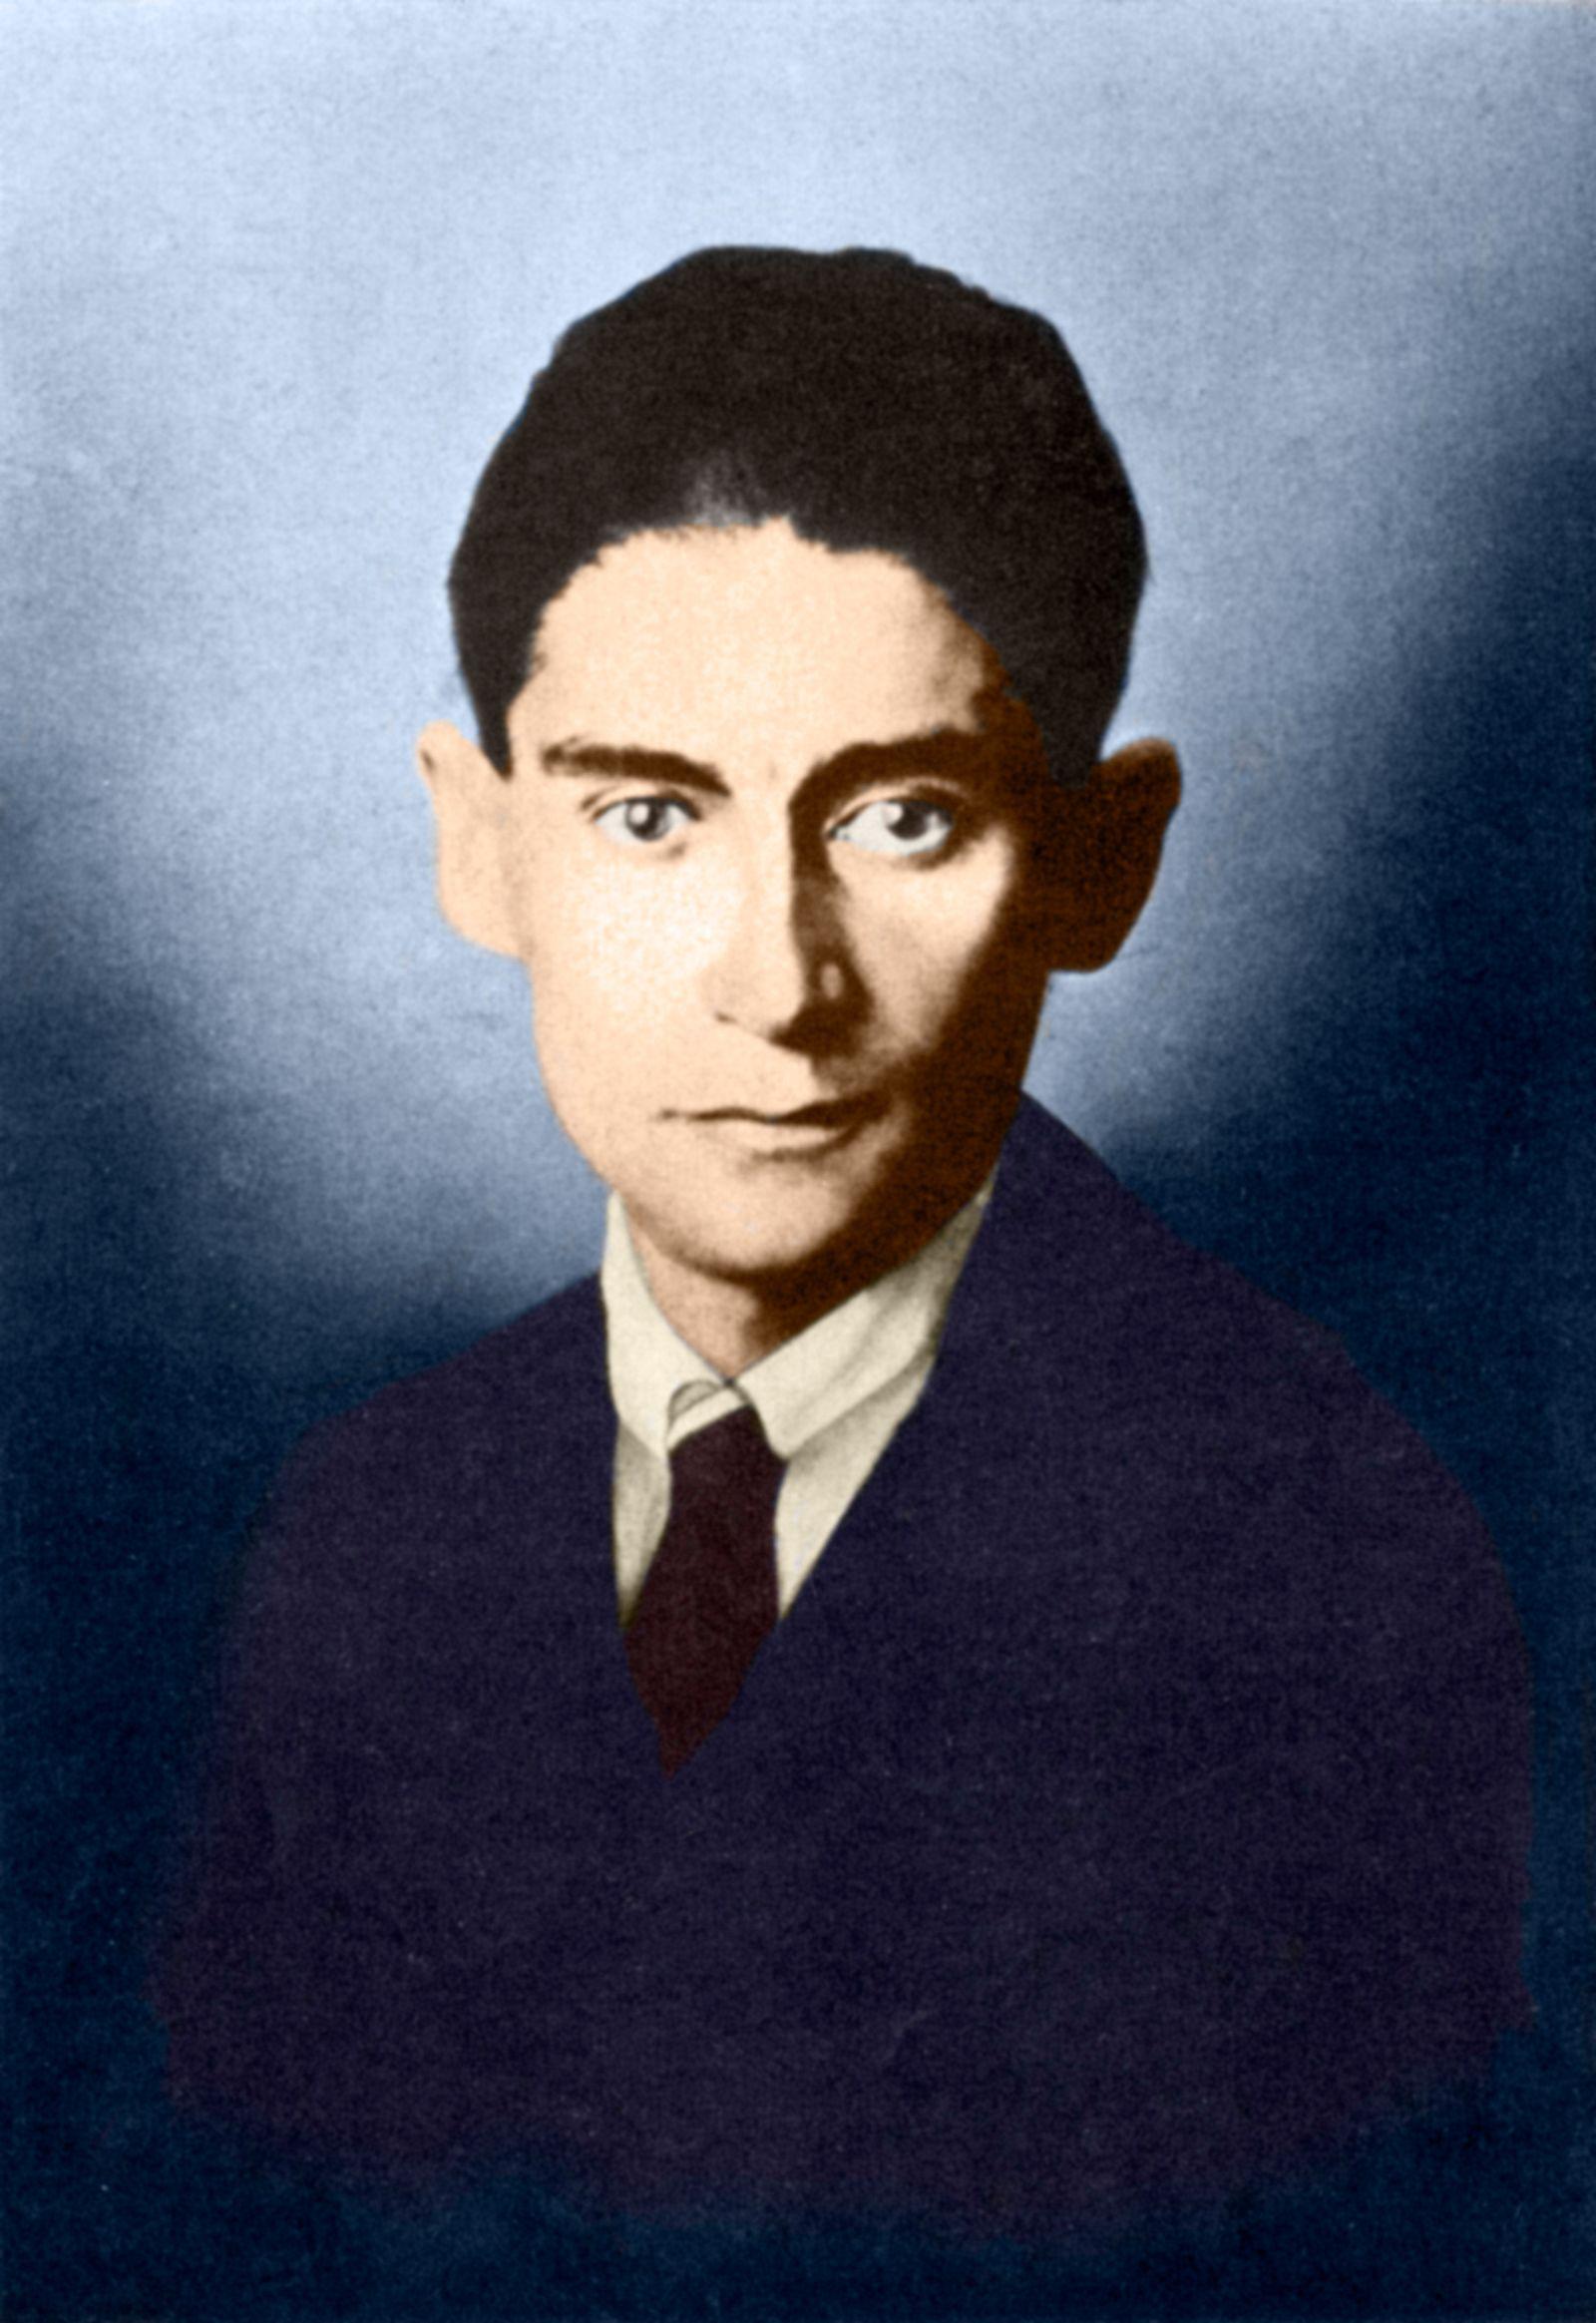 Reiner Stach/ Franz Kafka